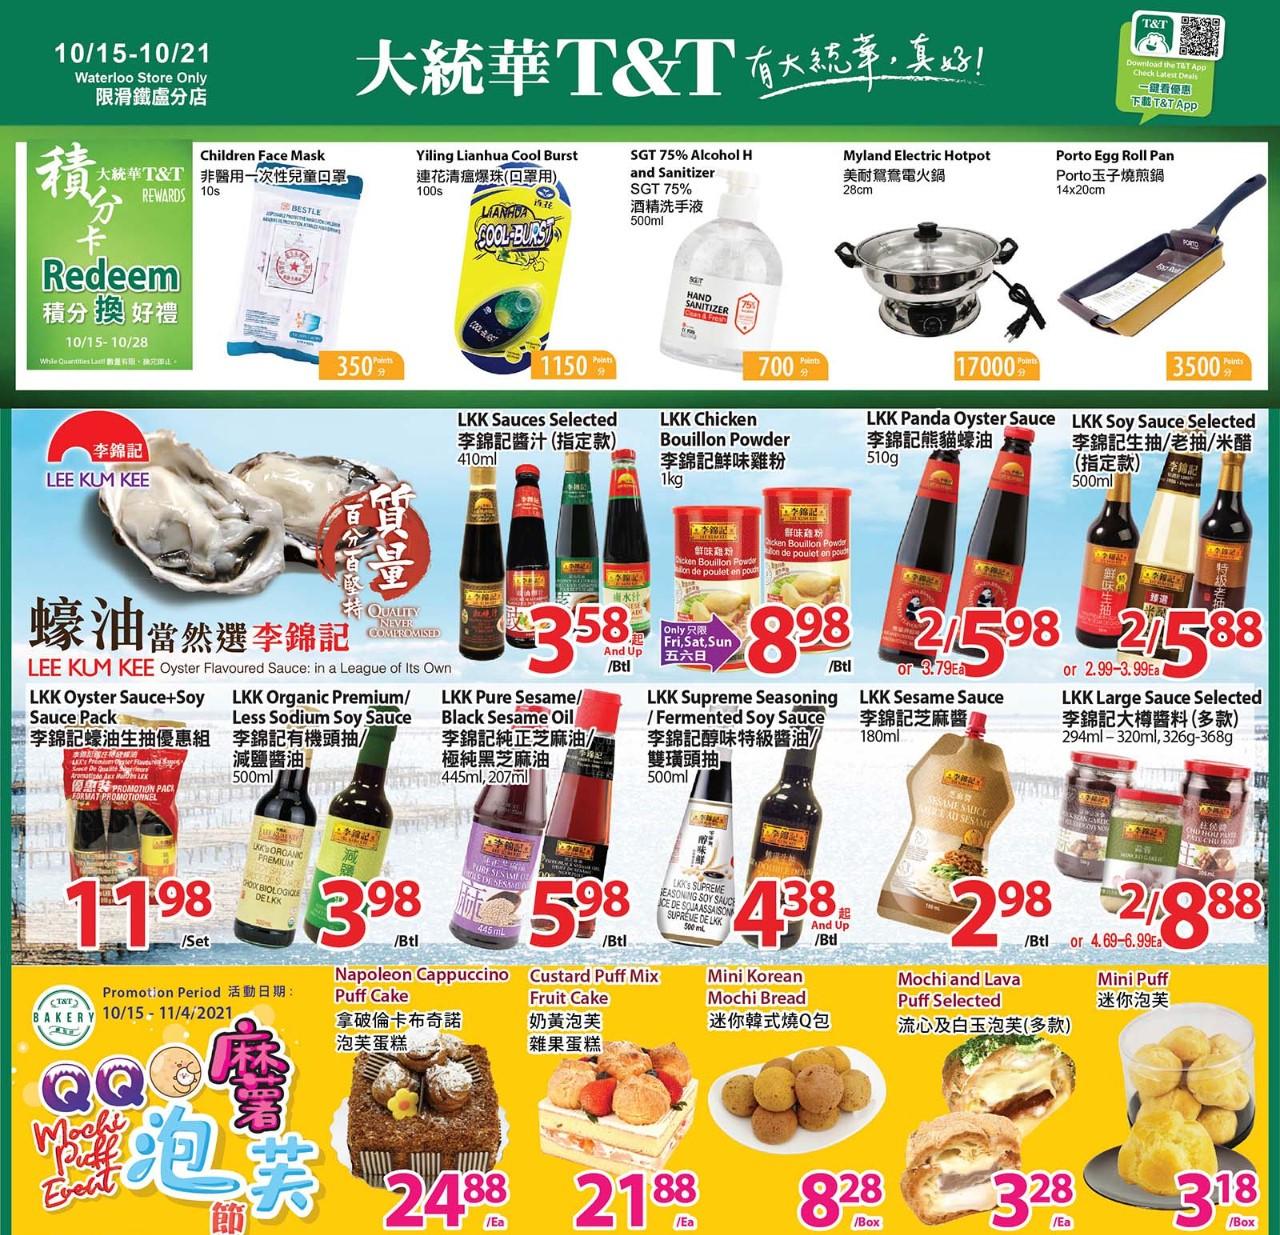 TNT Supermarket Waterloo Flyer   Oct 15